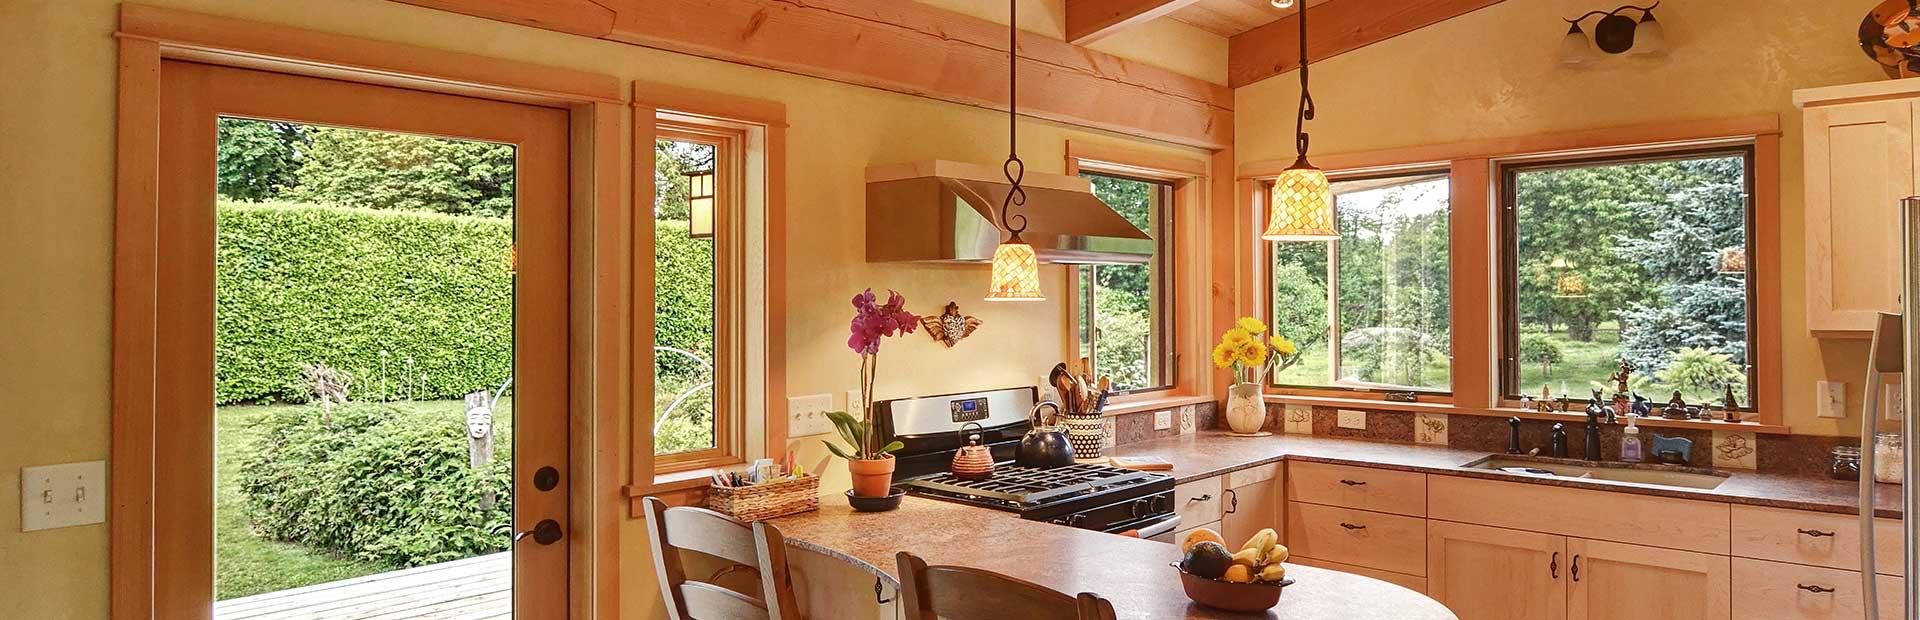 окна из дерева в кухню